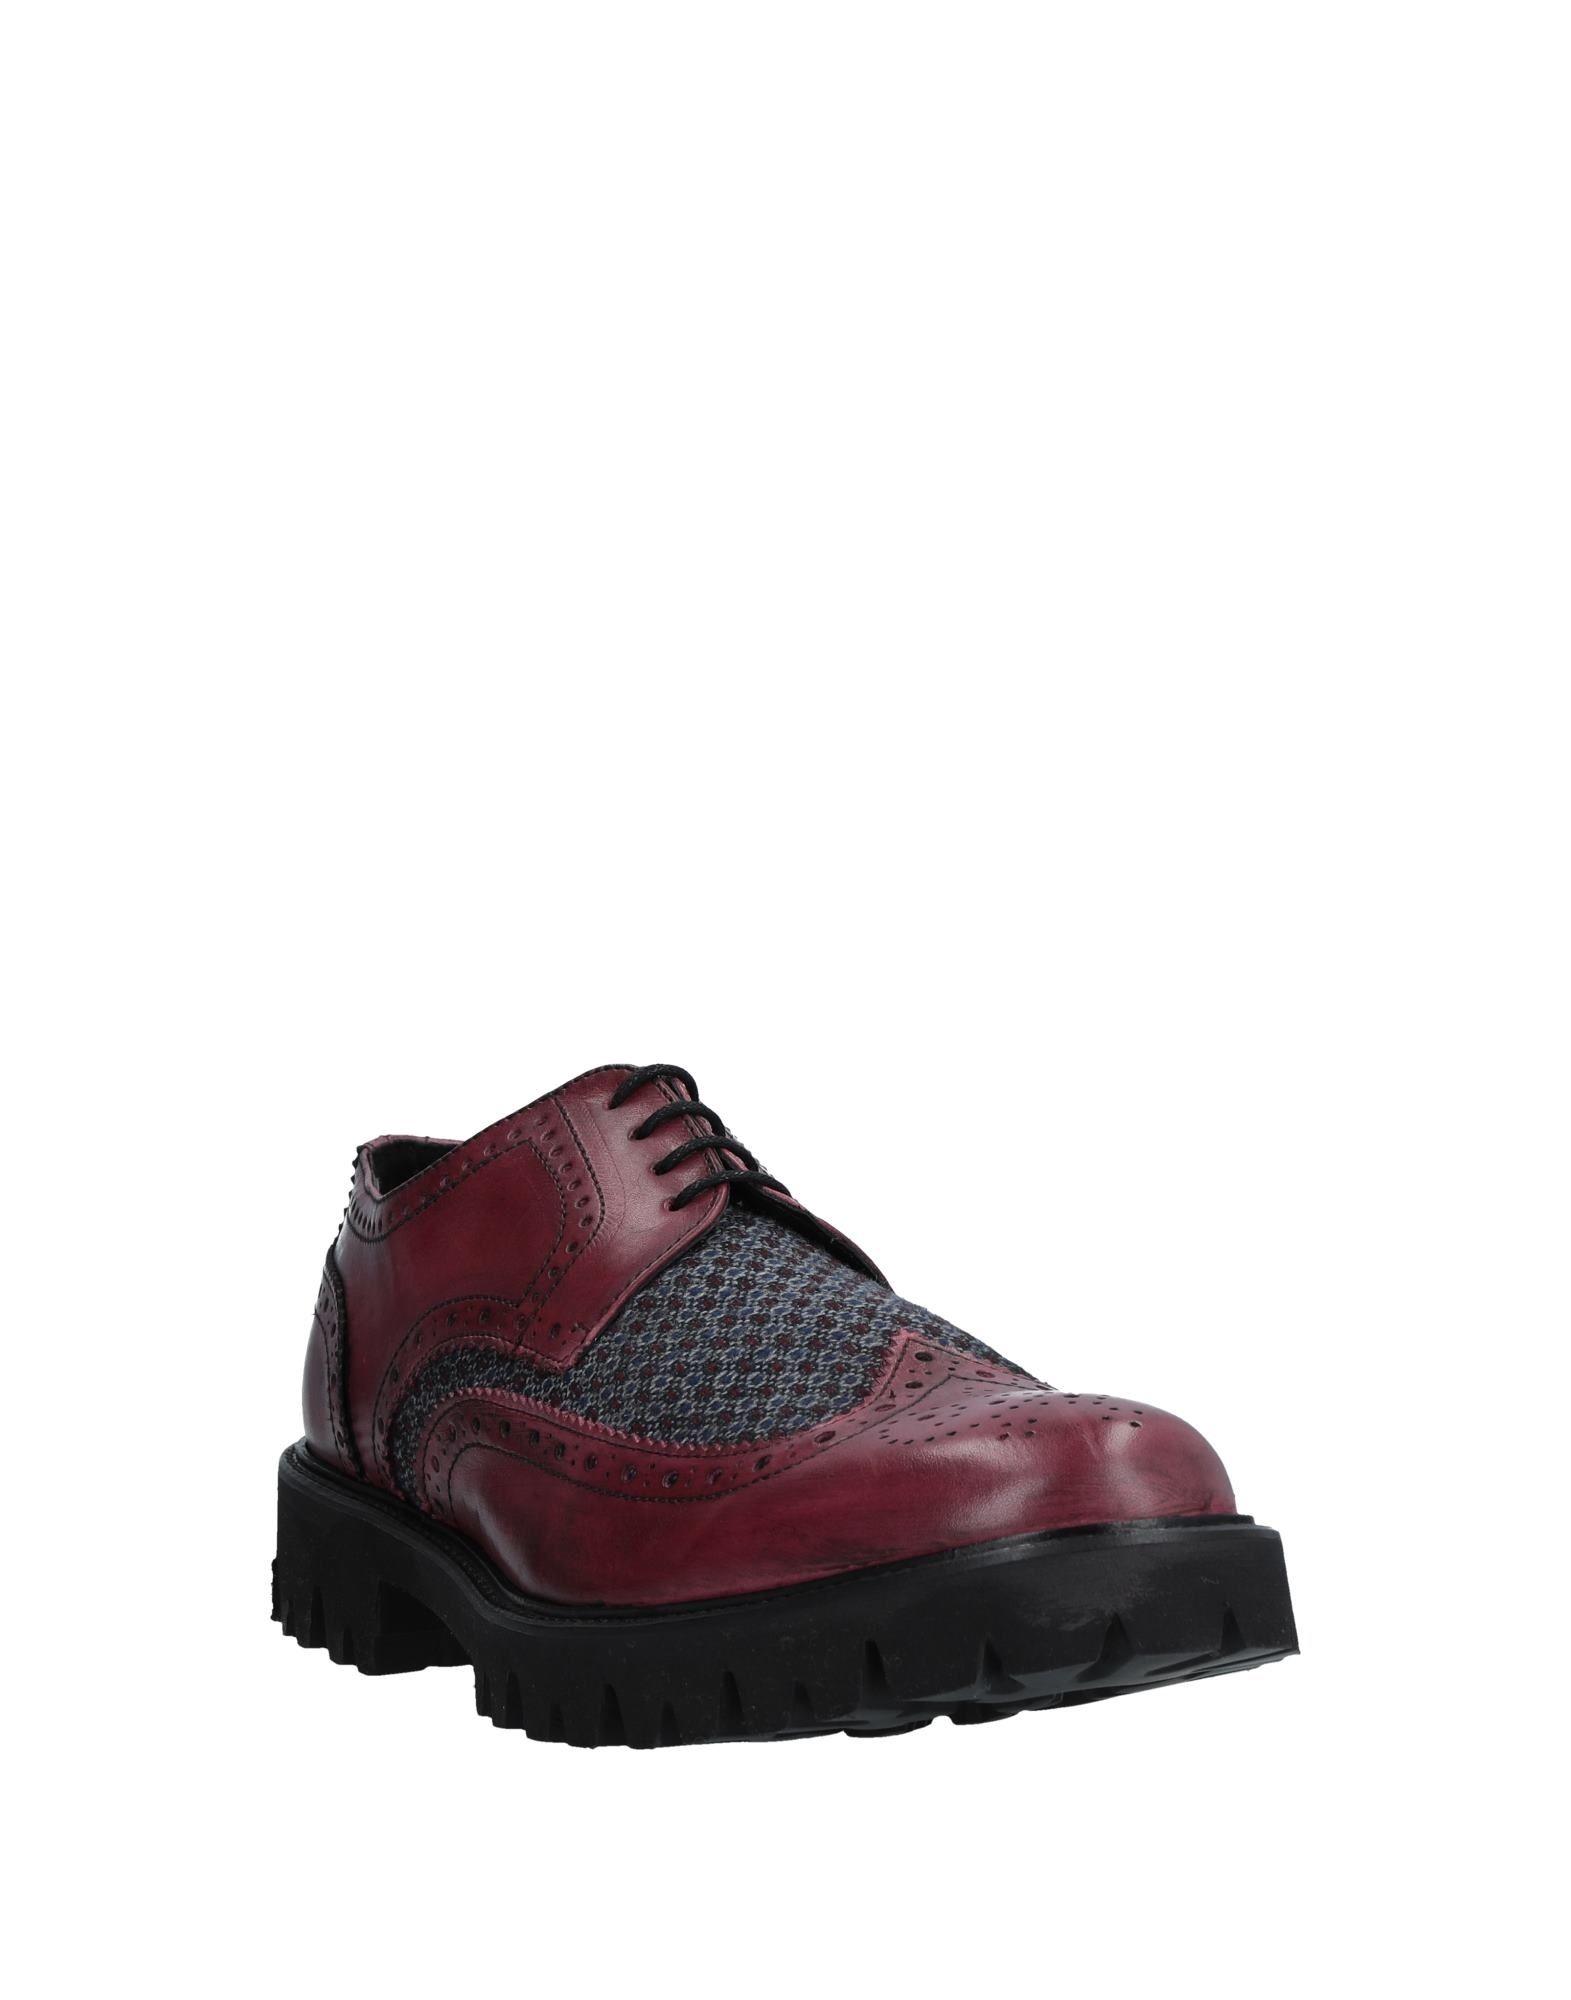 Bottega 11542390PQ Marchigiana Schnürschuhe Herren  11542390PQ Bottega Gute Qualität beliebte Schuhe 0b49bd